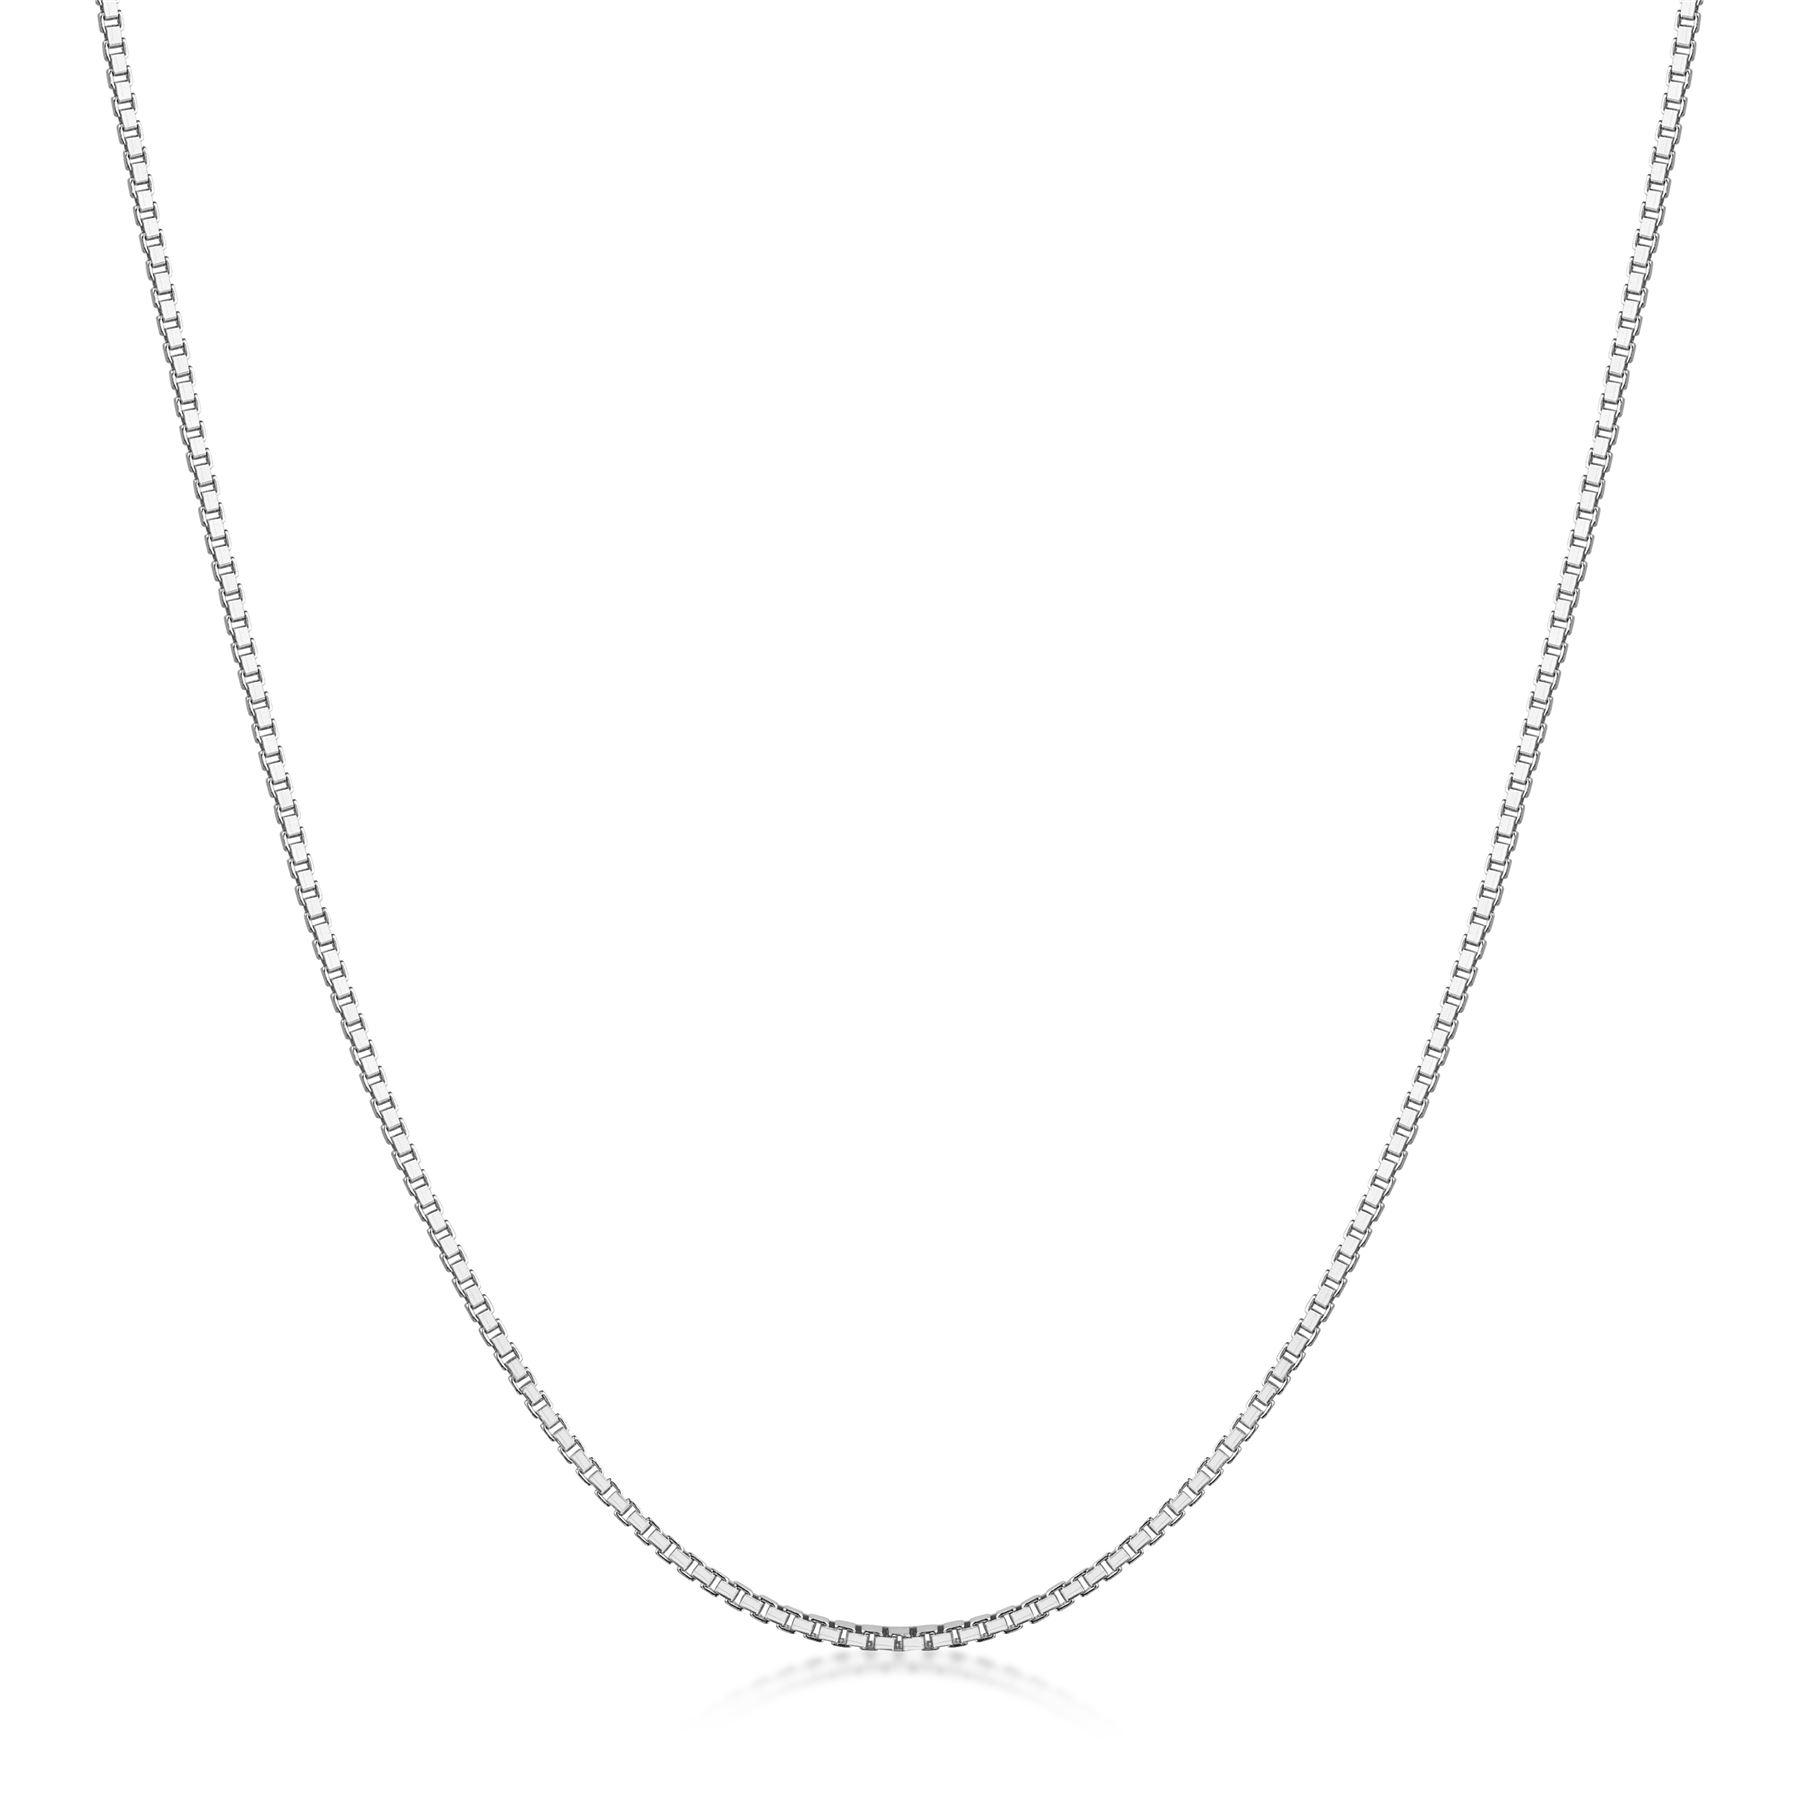 Amberta-Collar-en-Plata-De-Ley-925-Autentica-Cadena-para-Mujer-y-Hombre-Italiana miniatura 17